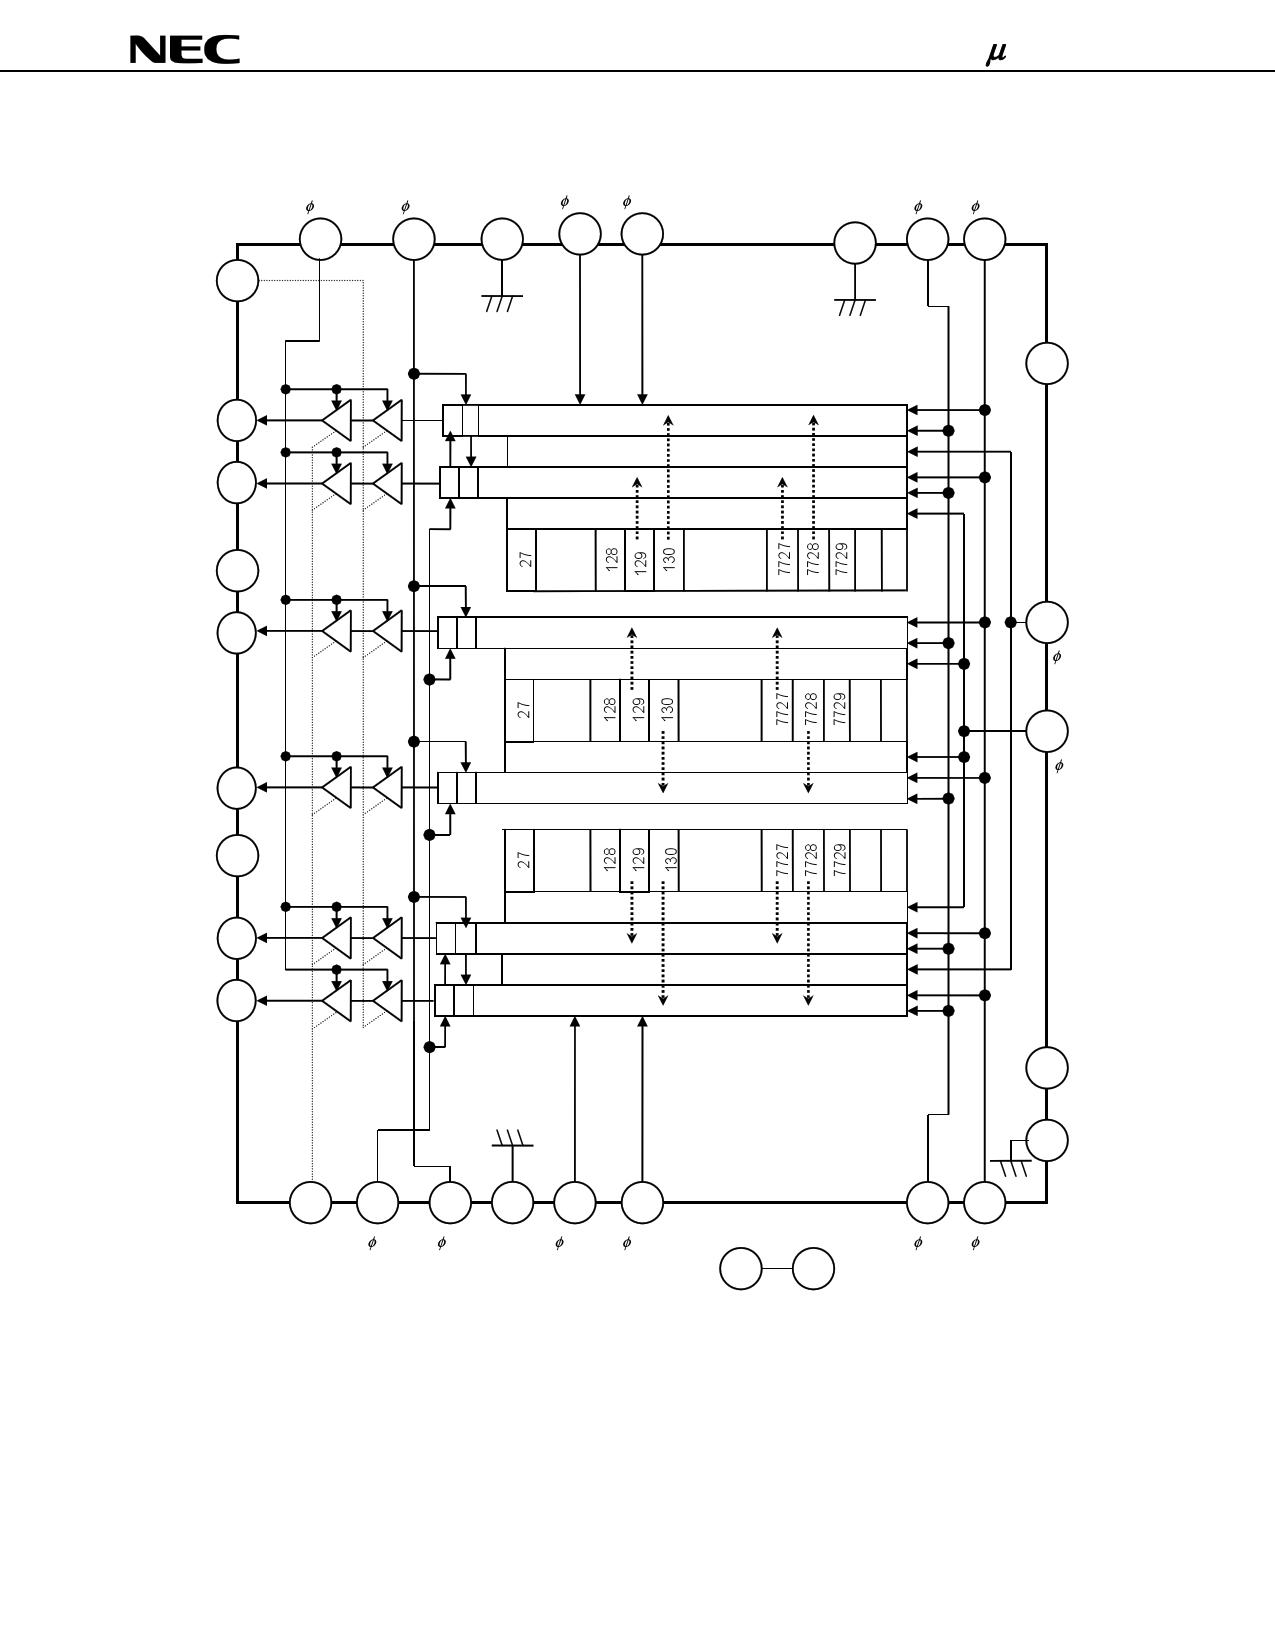 upd8827a datasheet pdf   pinout